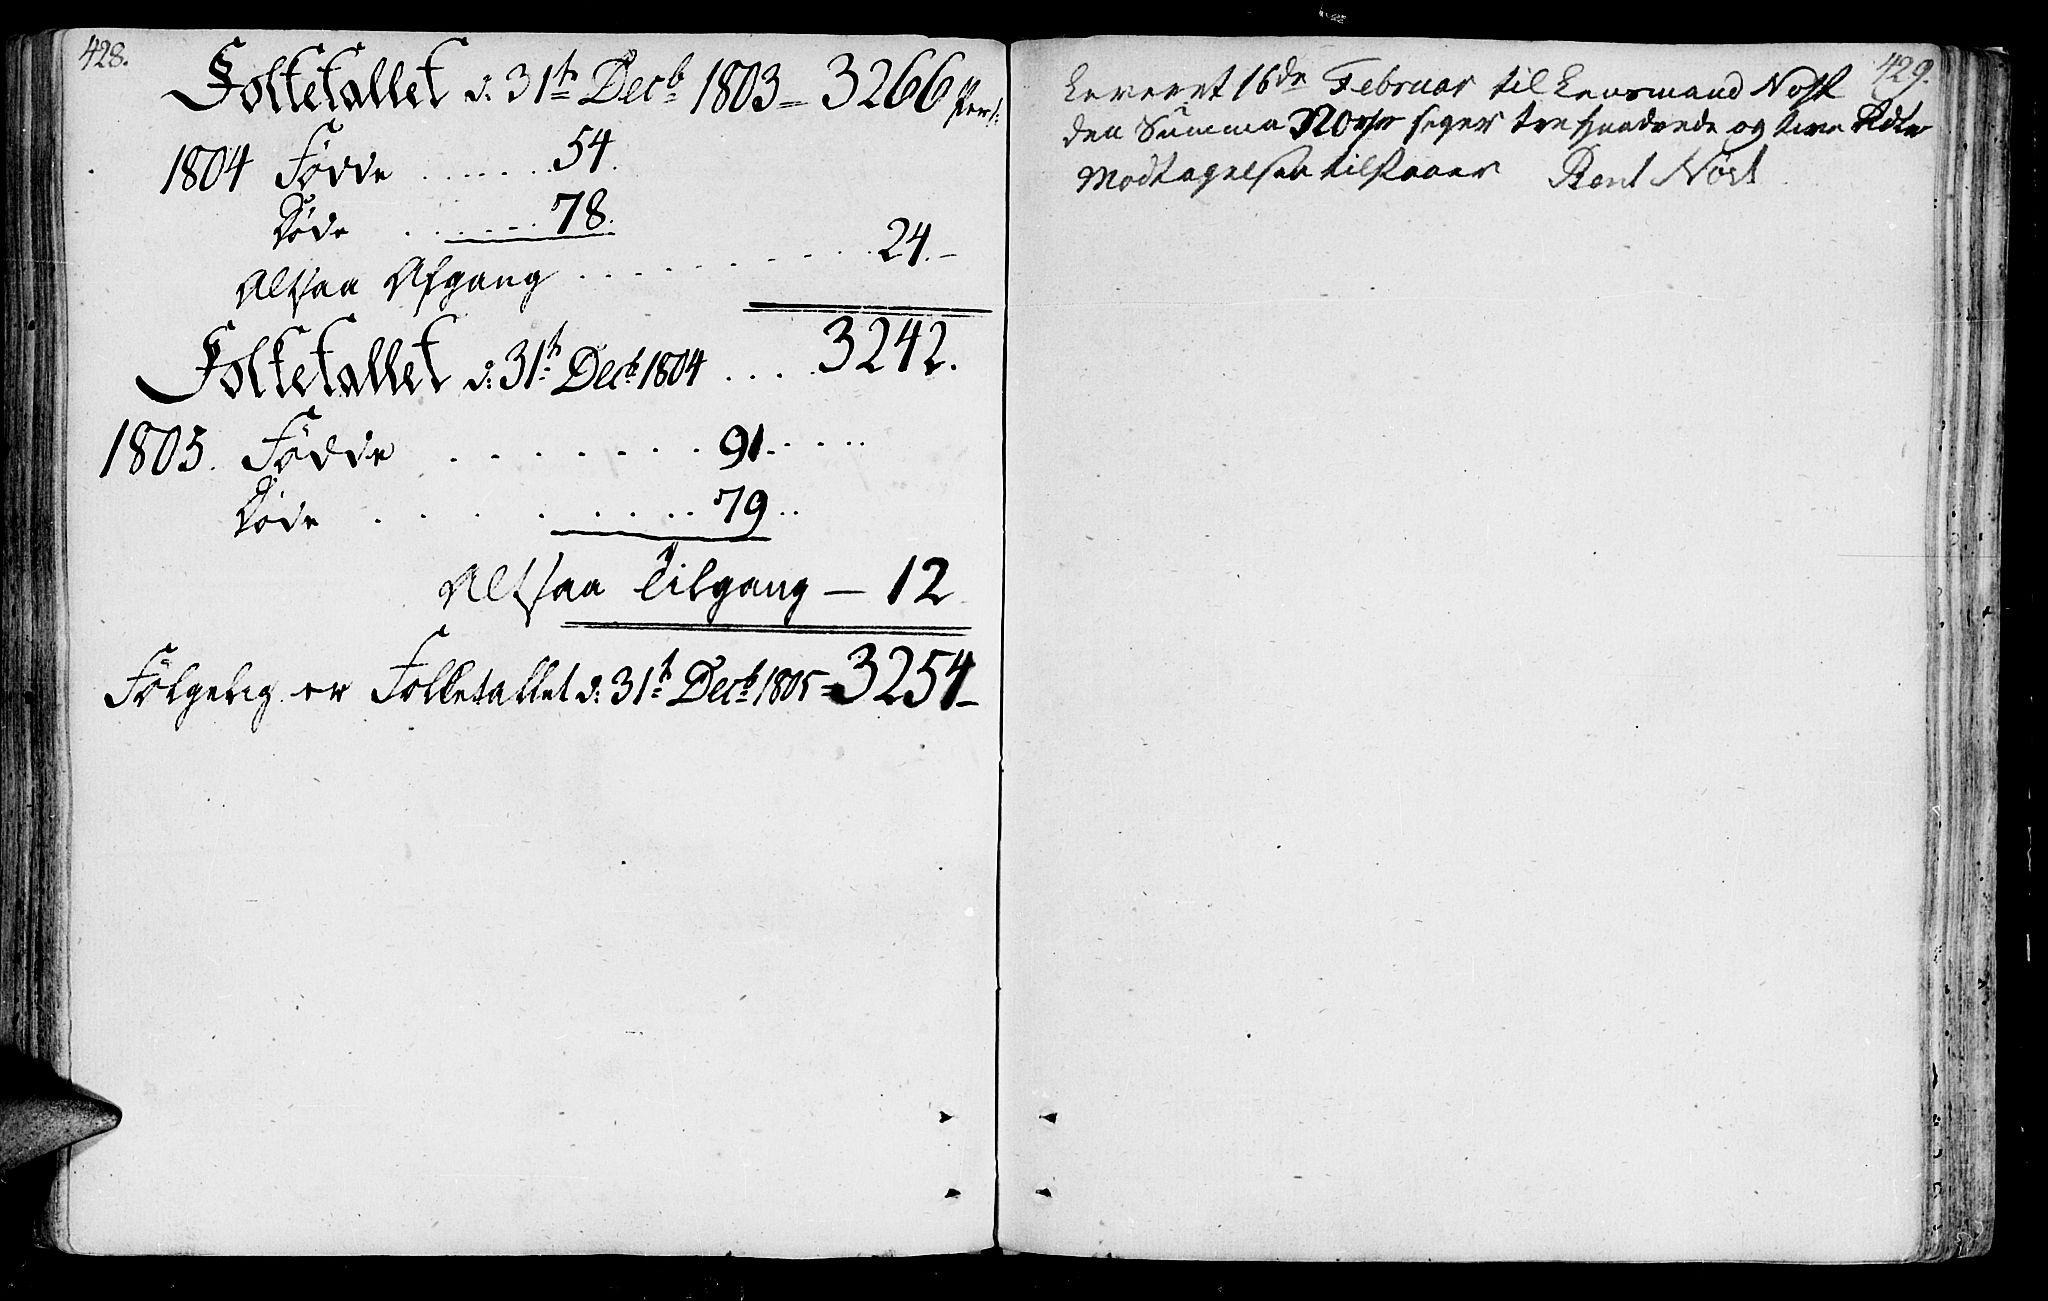 SAT, Ministerialprotokoller, klokkerbøker og fødselsregistre - Sør-Trøndelag, 646/L0606: Ministerialbok nr. 646A04, 1791-1805, s. 428-429